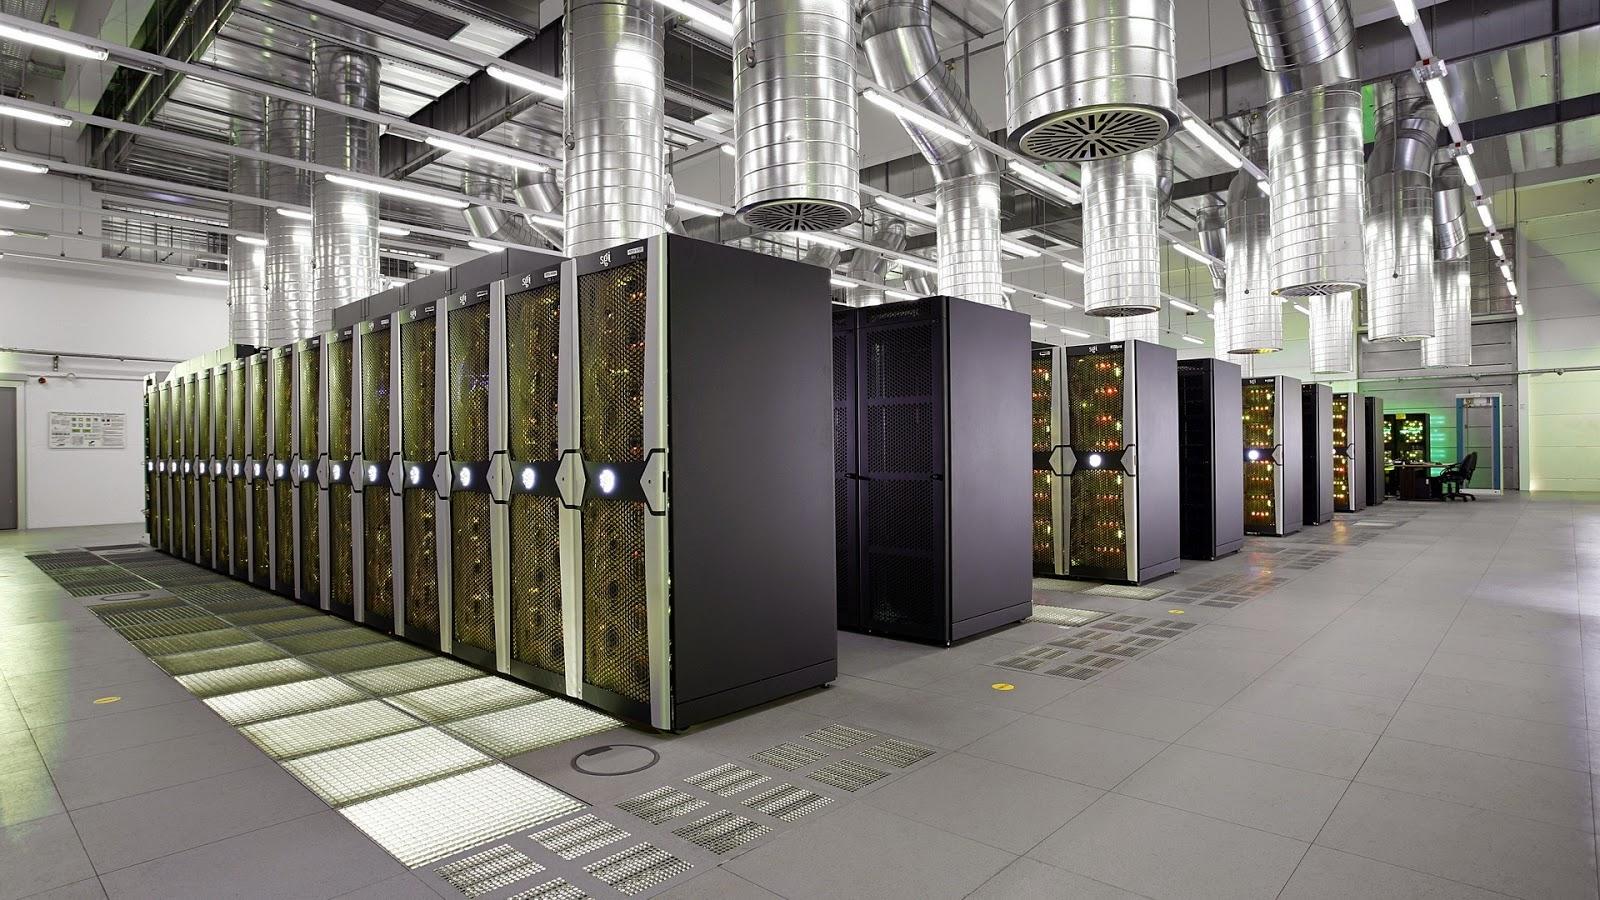 Phê duyệt Thiết kế tổng thể hạ tầng CNTT phục vụ thị trường điện